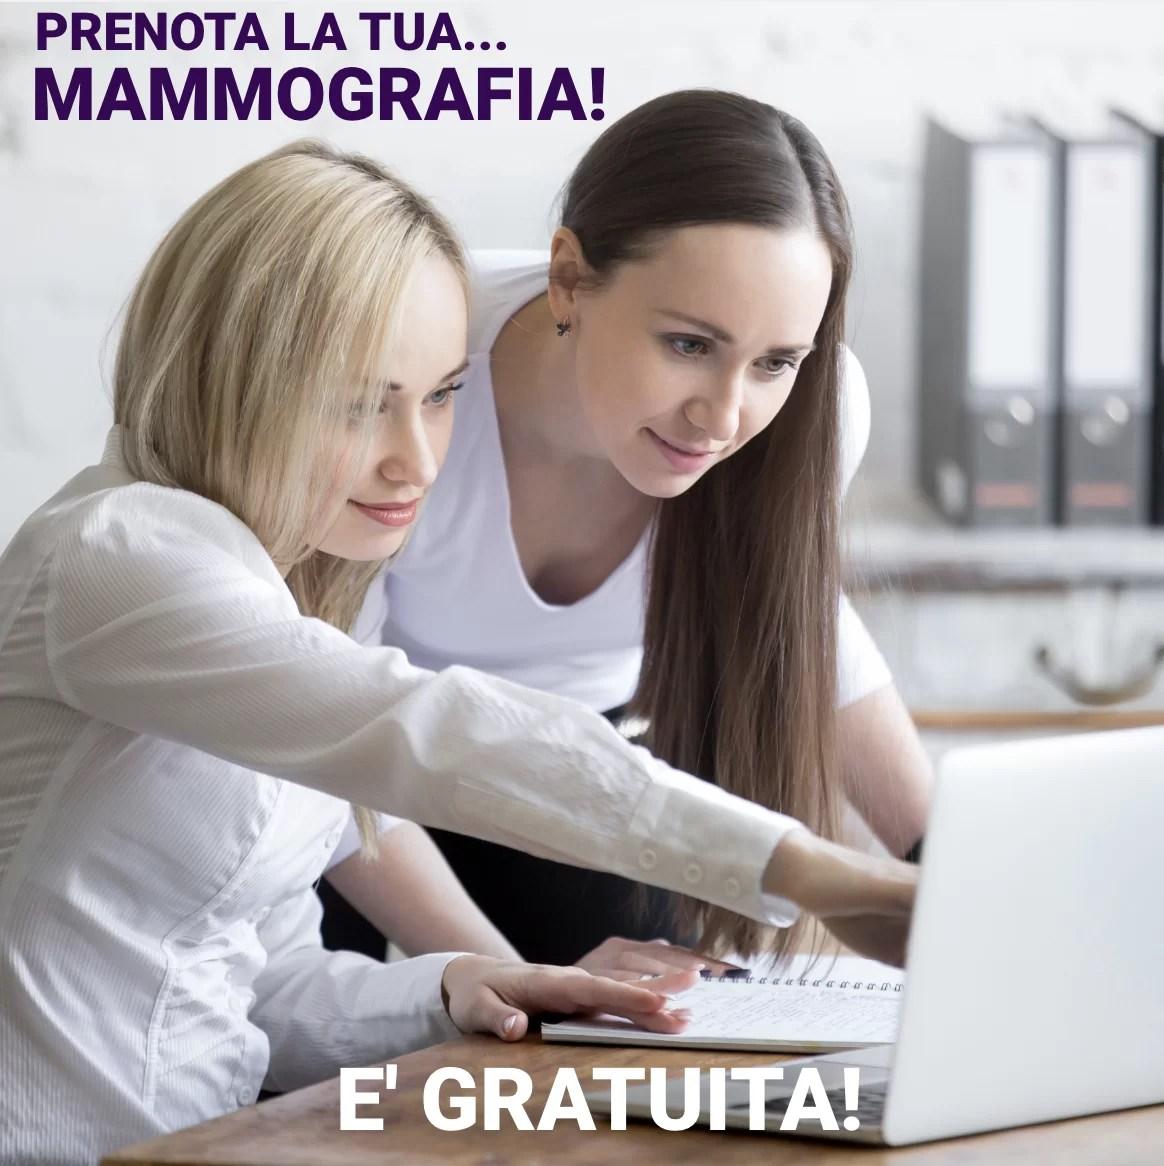 dersut sostiene il progetto prevenzione è vita - mammografia gratuita per la fascia 40/49 anni